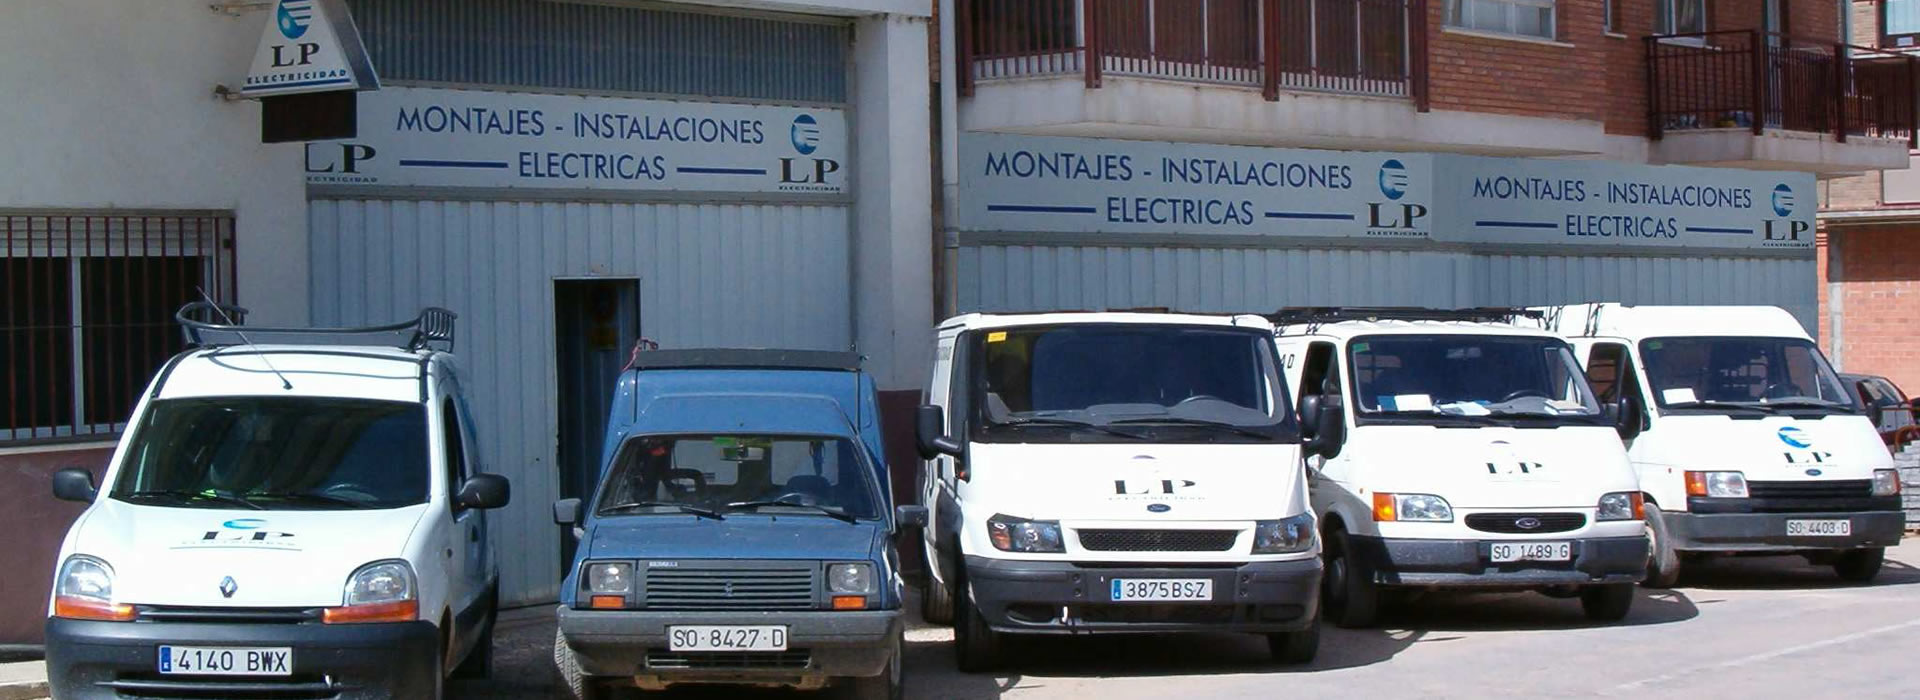 Electricidad LP